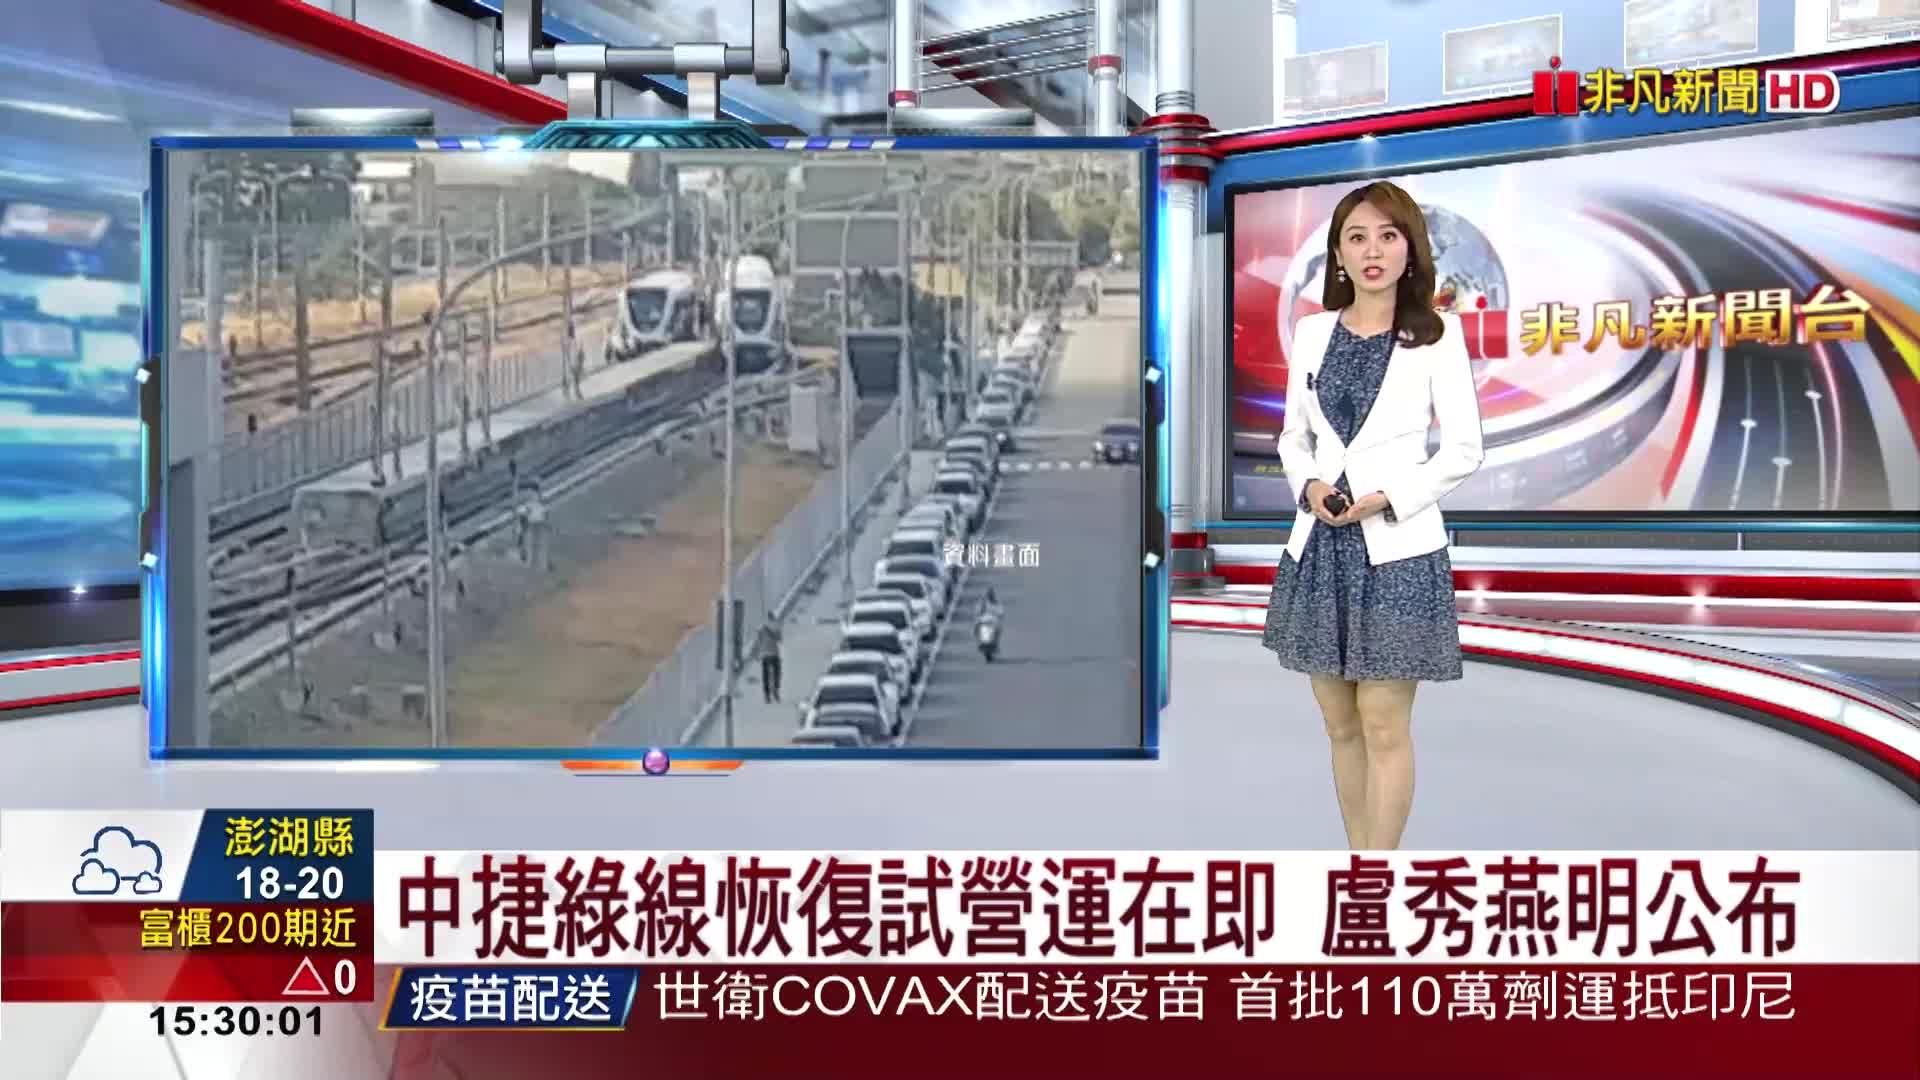 中捷綠線恢復試營運在即 盧秀燕明公布